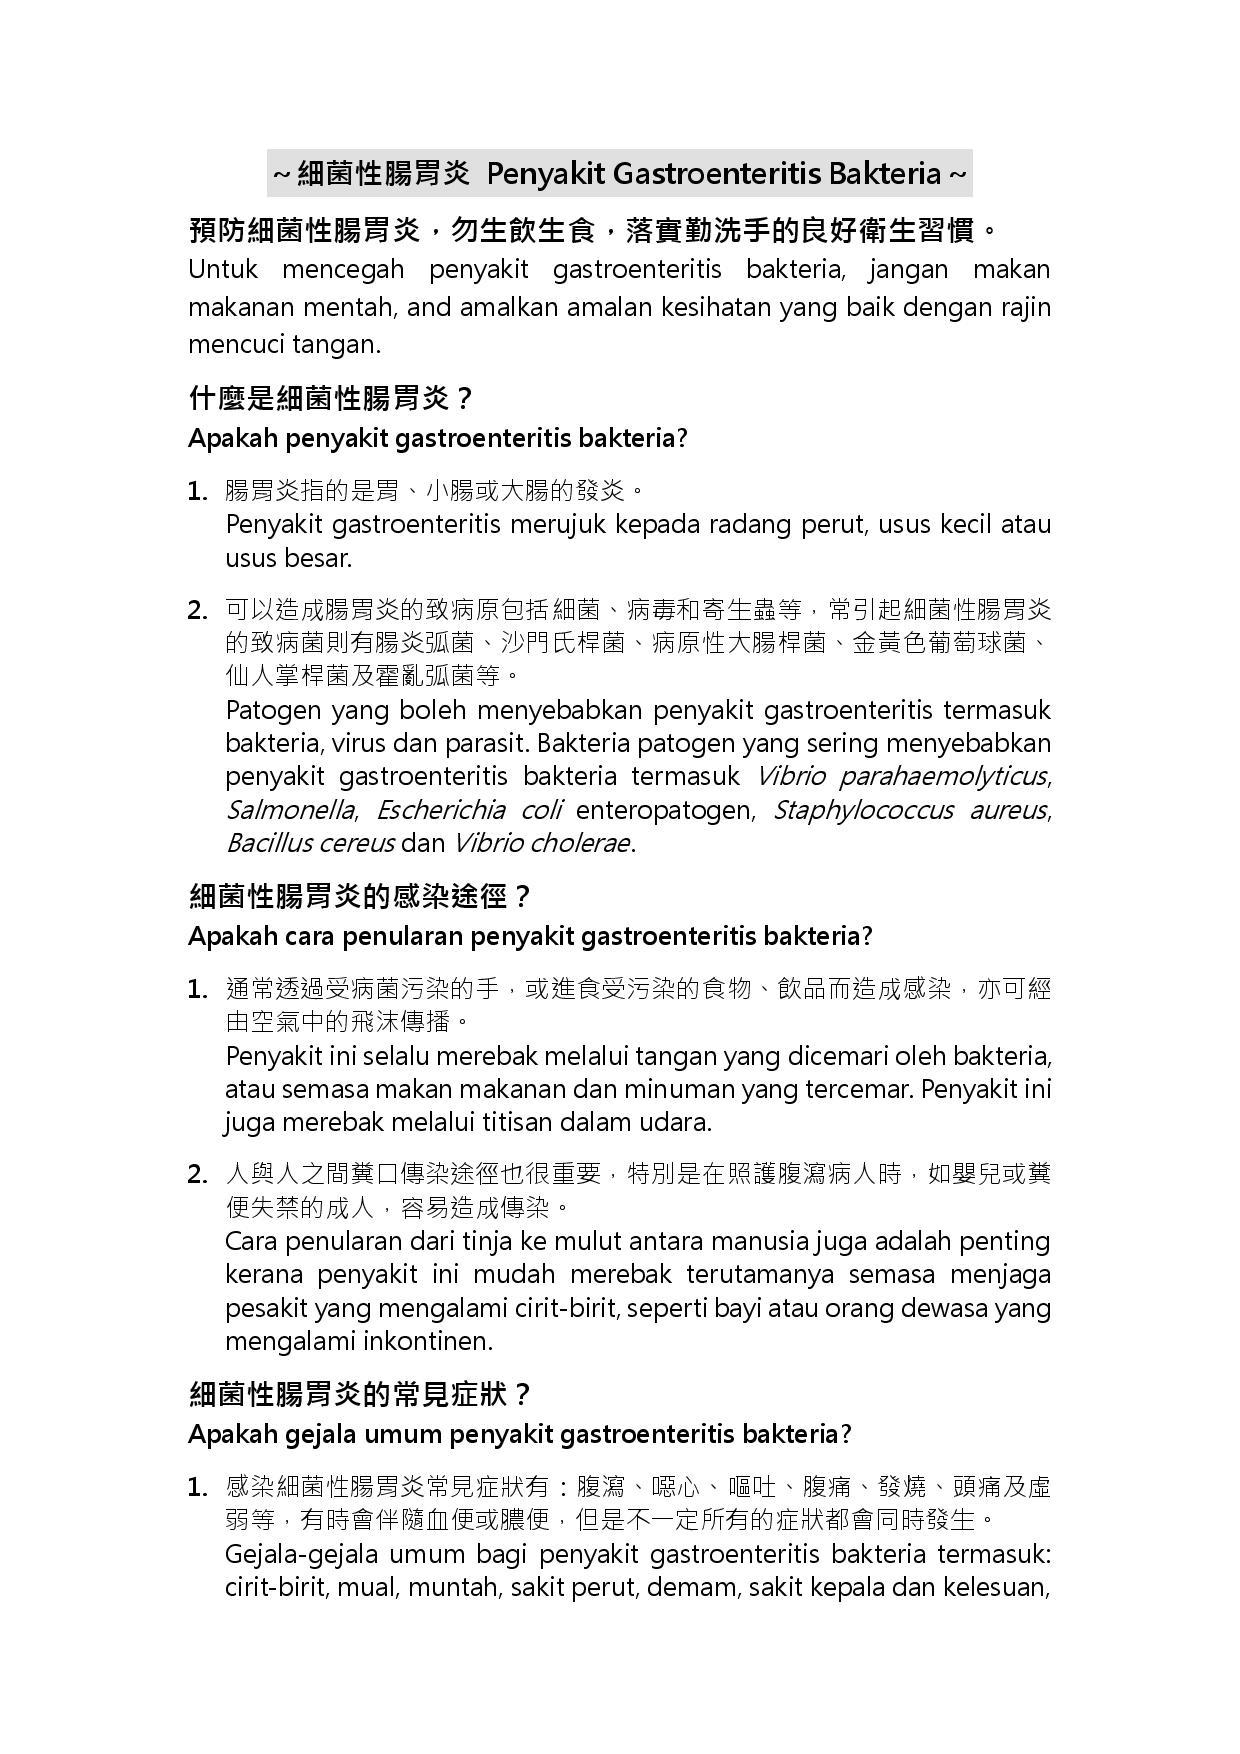 【klik saya】Untuk mencegah penyakit gastroenteritis bakteria(Halaman 1)預防細菌性腸胃炎,勿生飲生食,落實勤洗手的良好衛生習慣(馬來文)